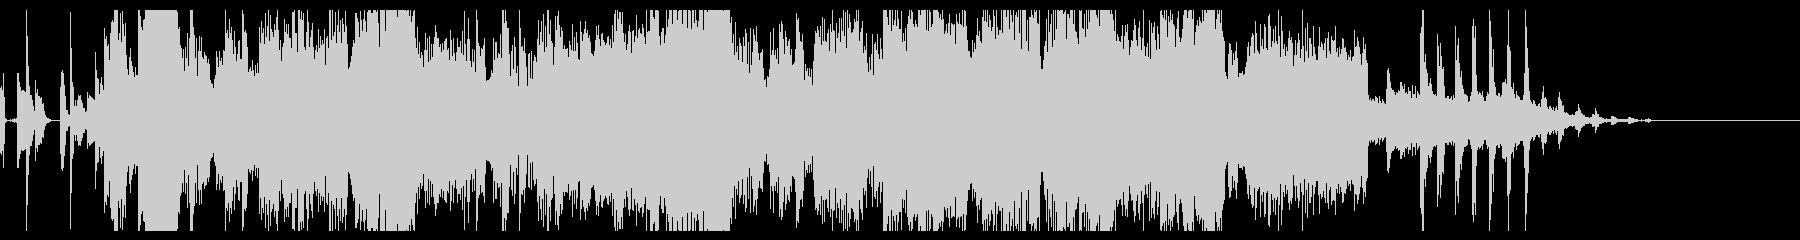 ファンクなグルーヴのボイス付きジングルの未再生の波形